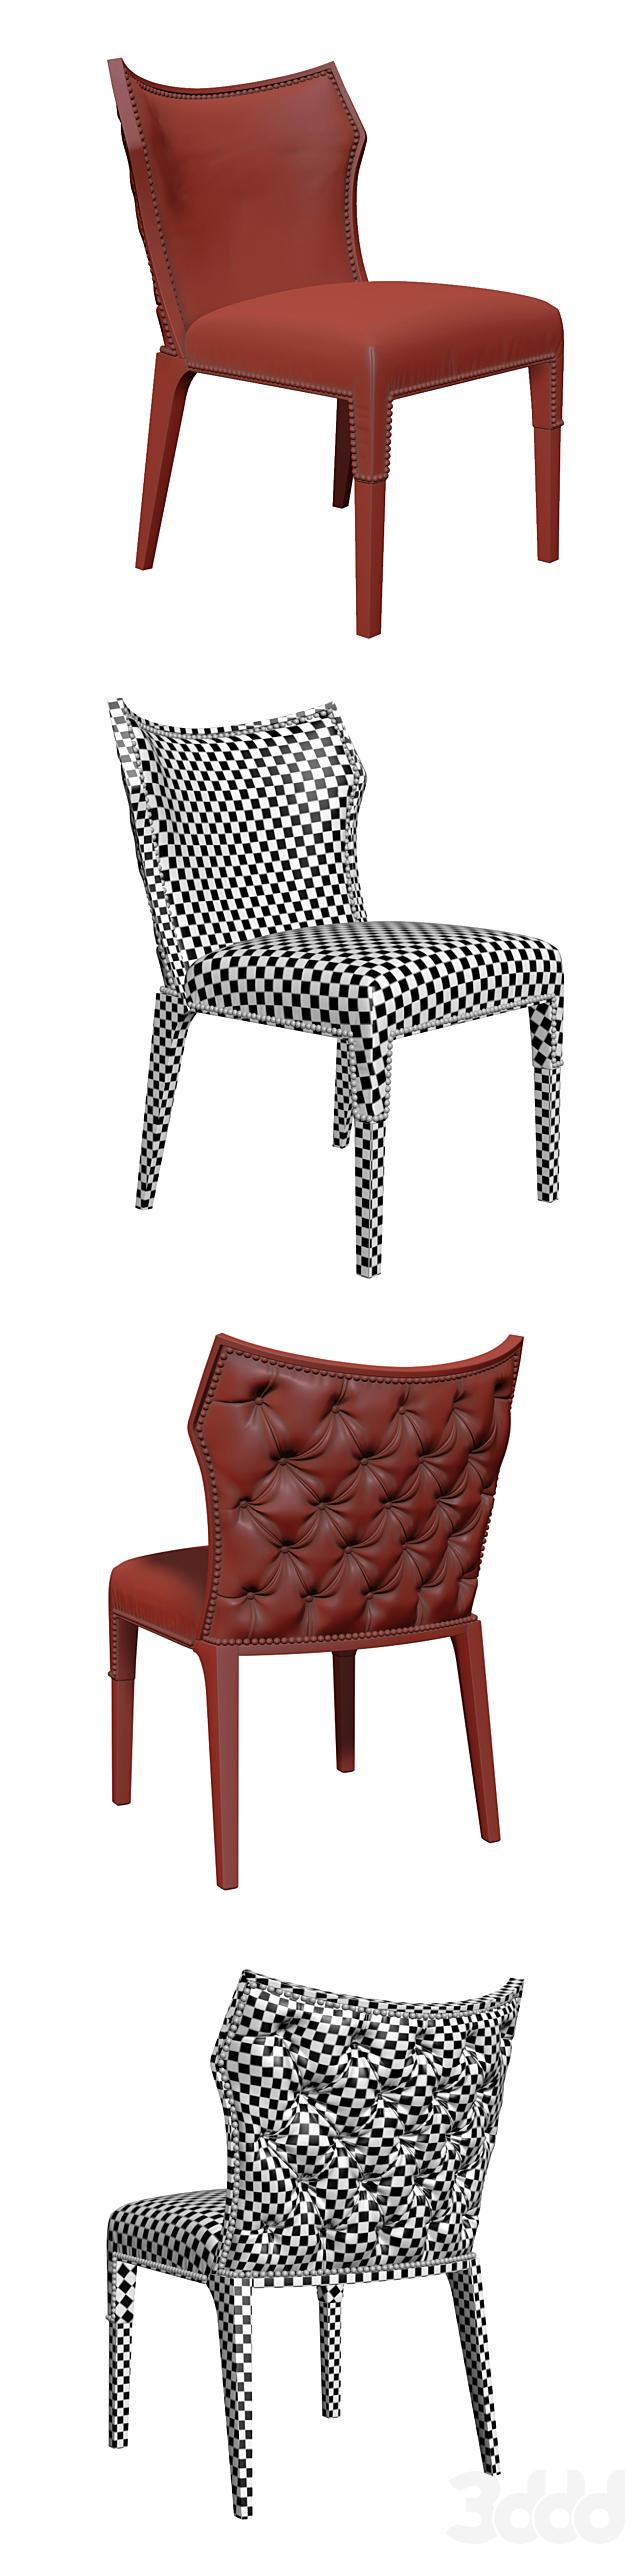 Nella Vetrina Miami Chair by Constantini Pietro 9181